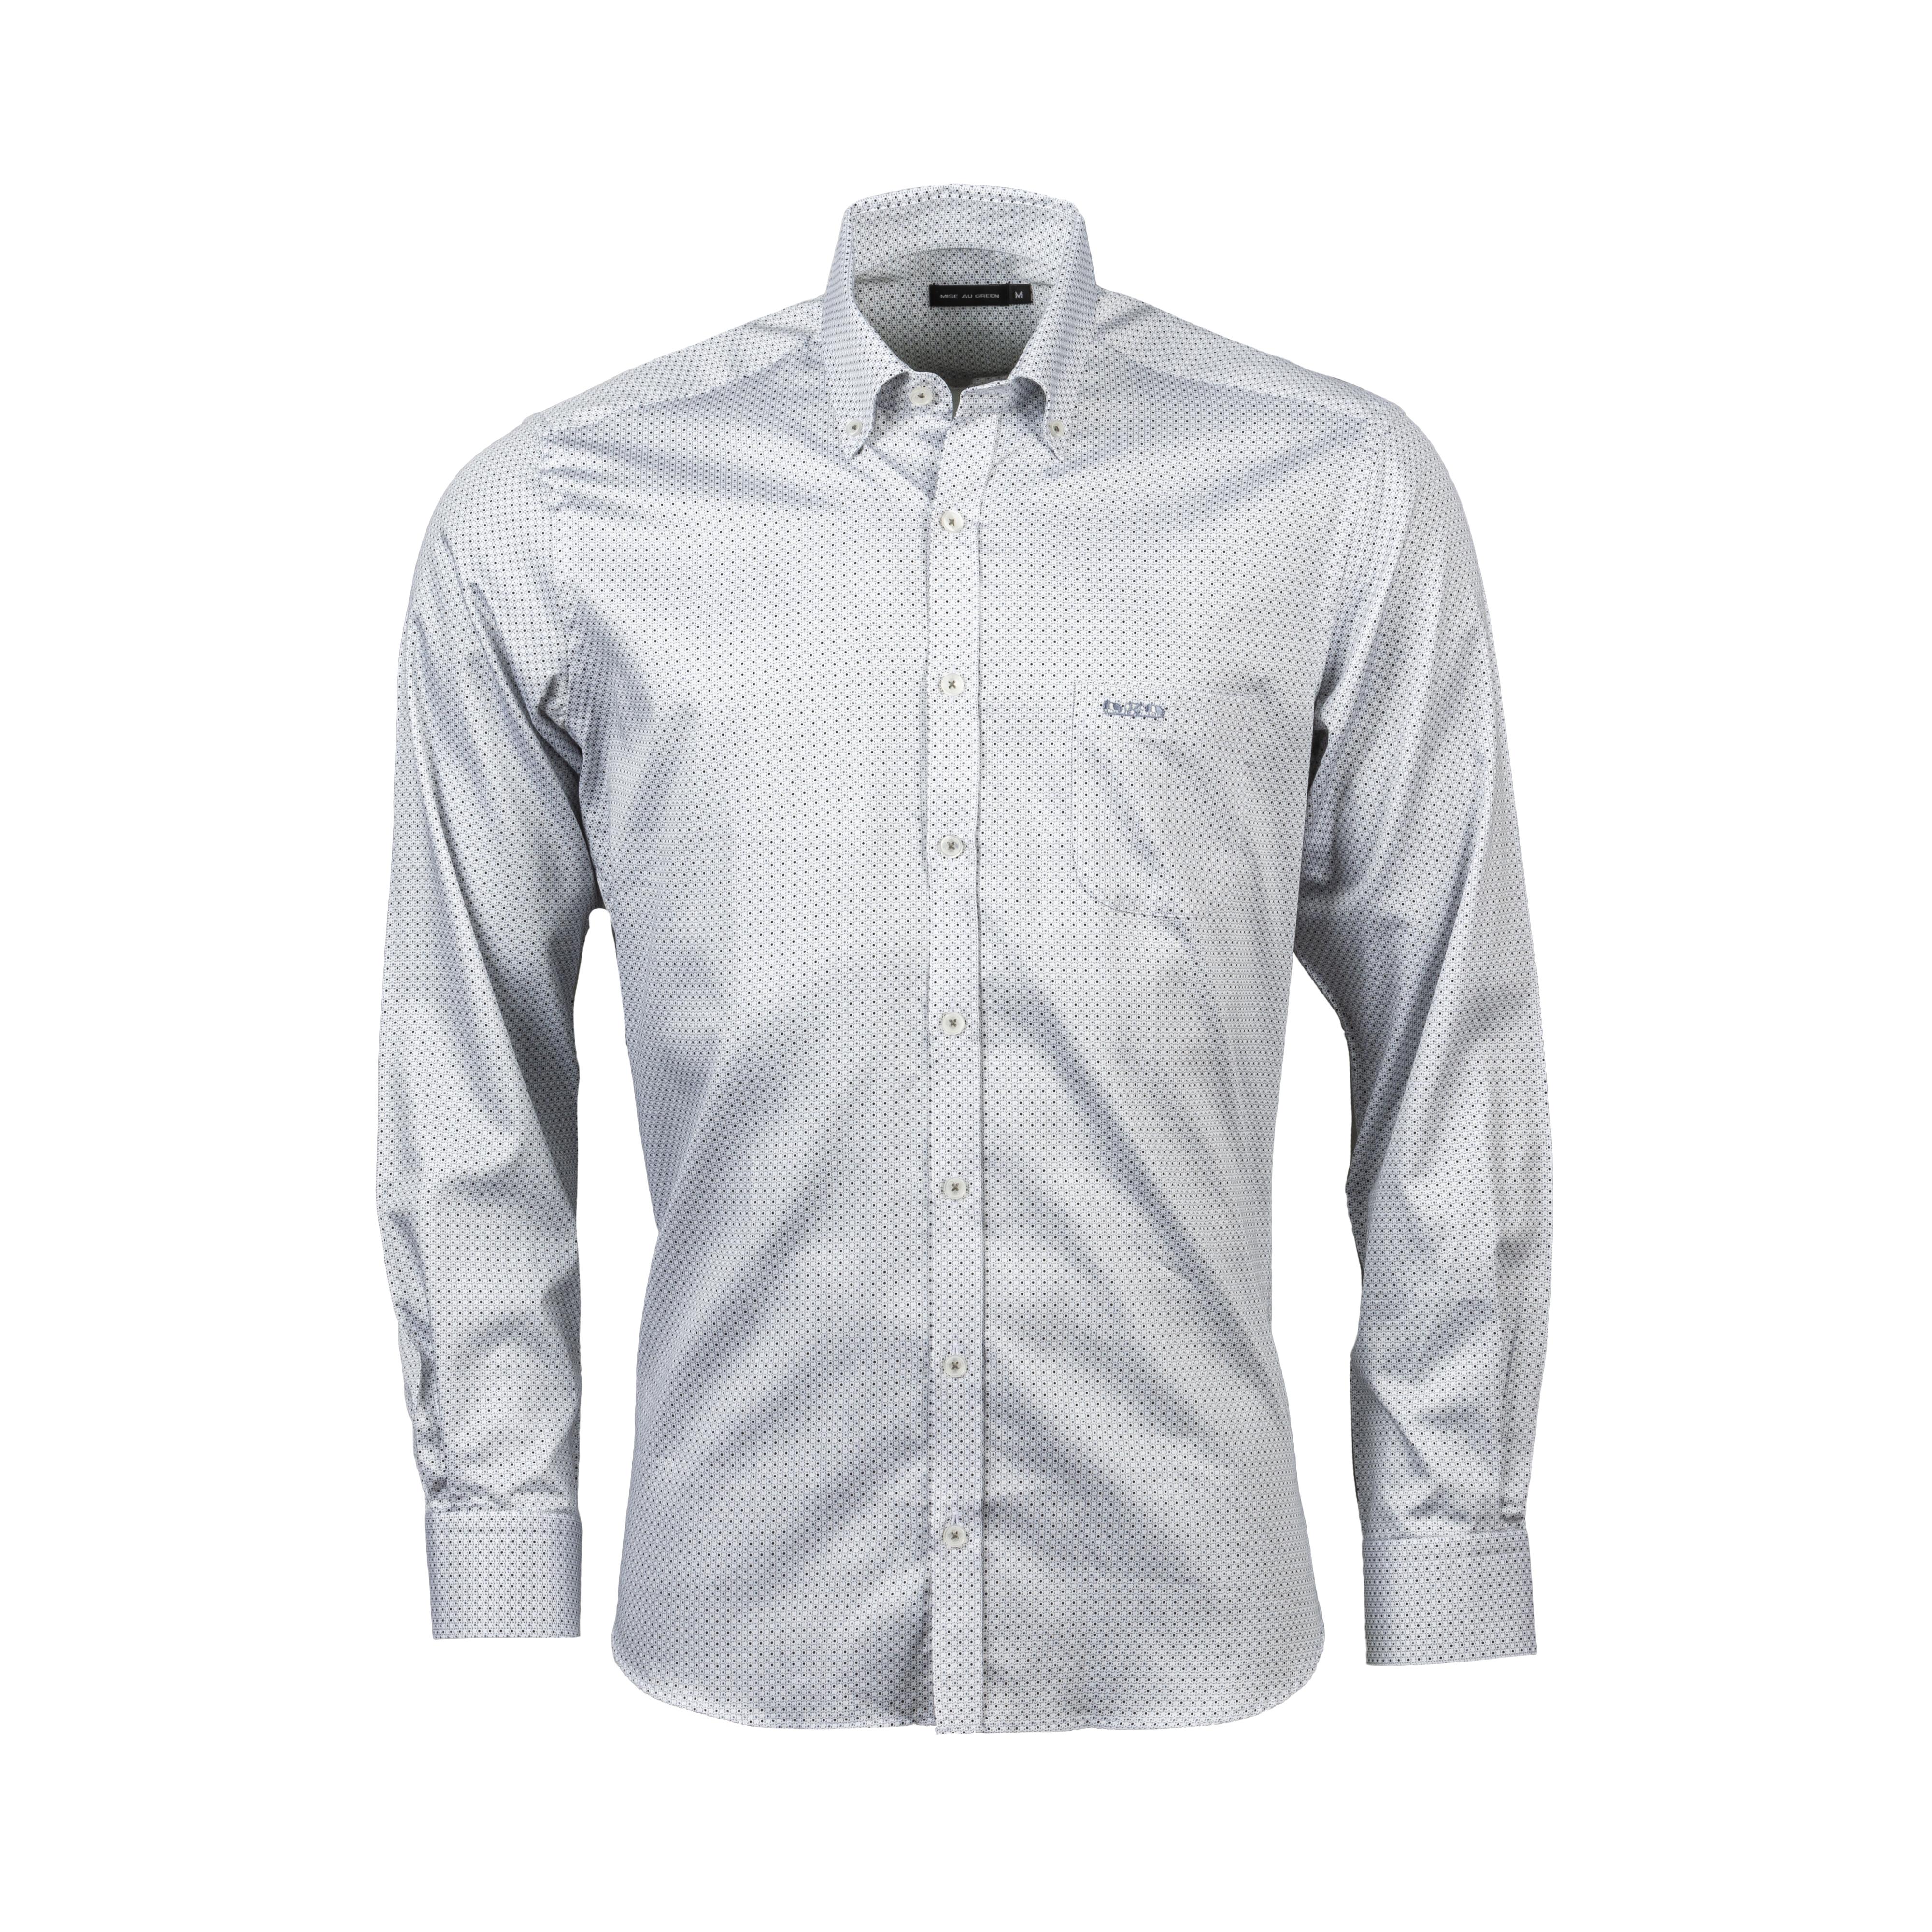 Chemise ajustée Mise au green en coton blanc à micro motifs gris et noirs